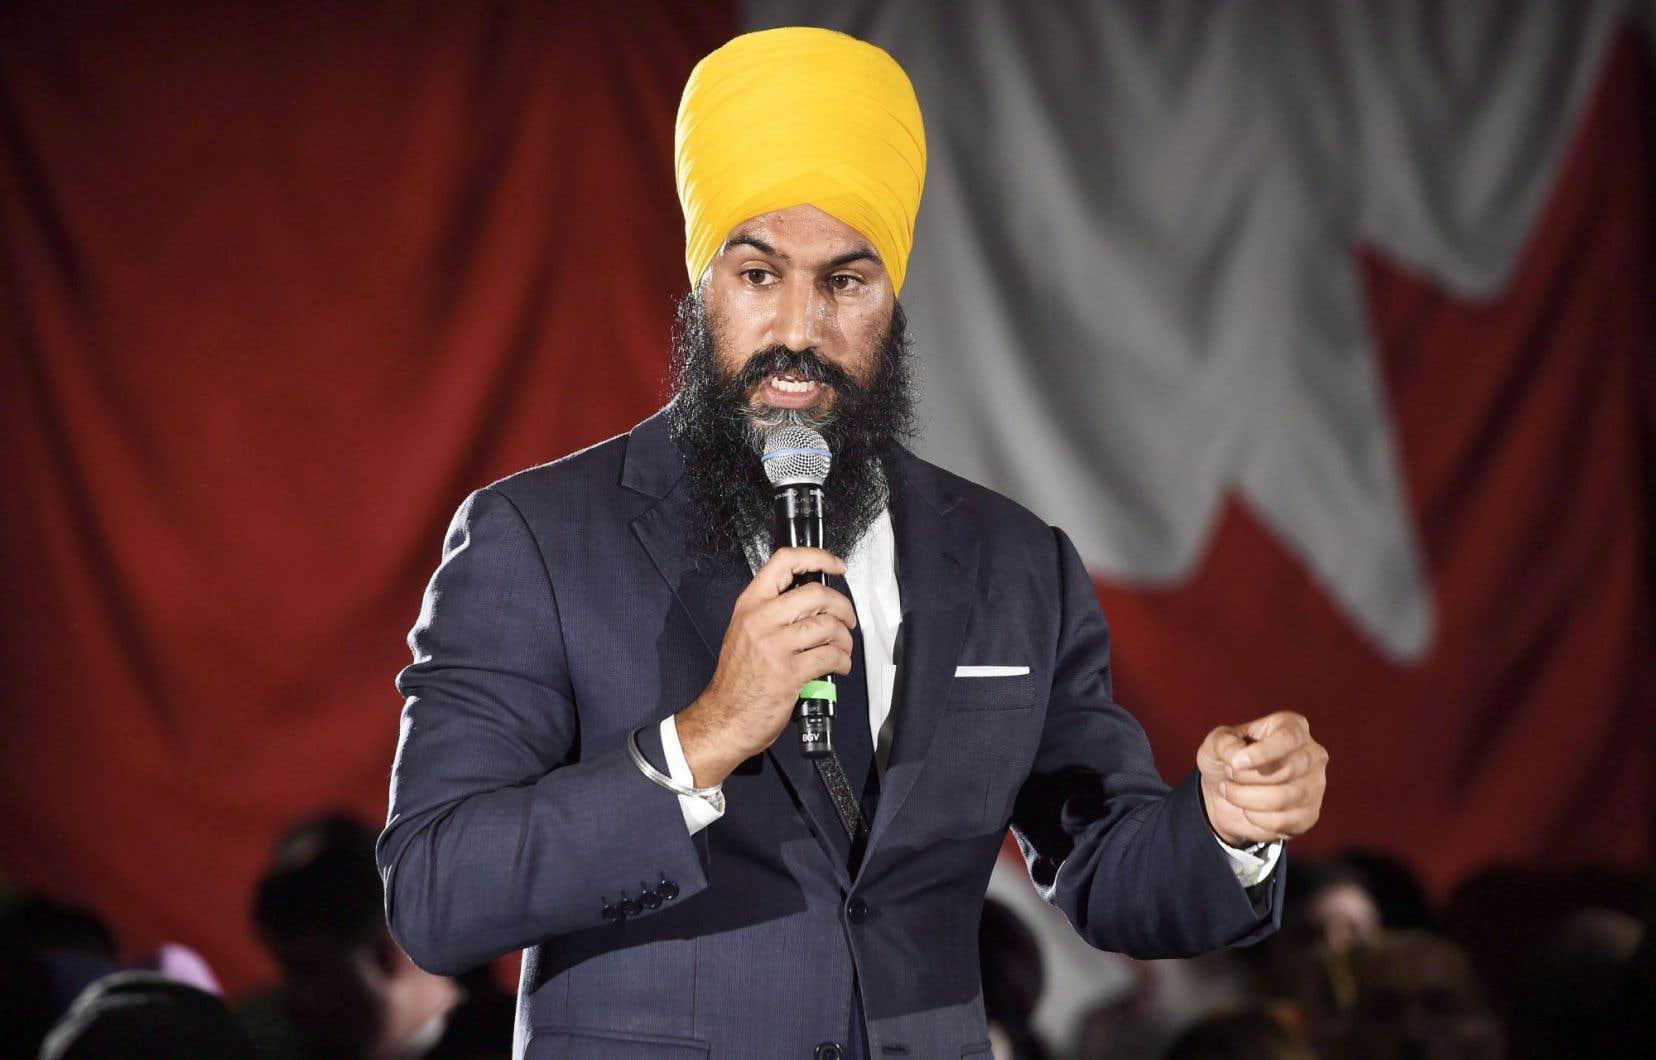 Jagmeet Singh arrive le premier au Québec en ayant récolté 27 970$, loin devant l'unique candidat québécois de la course, Guy Caron, qui a amassé 10 255$.